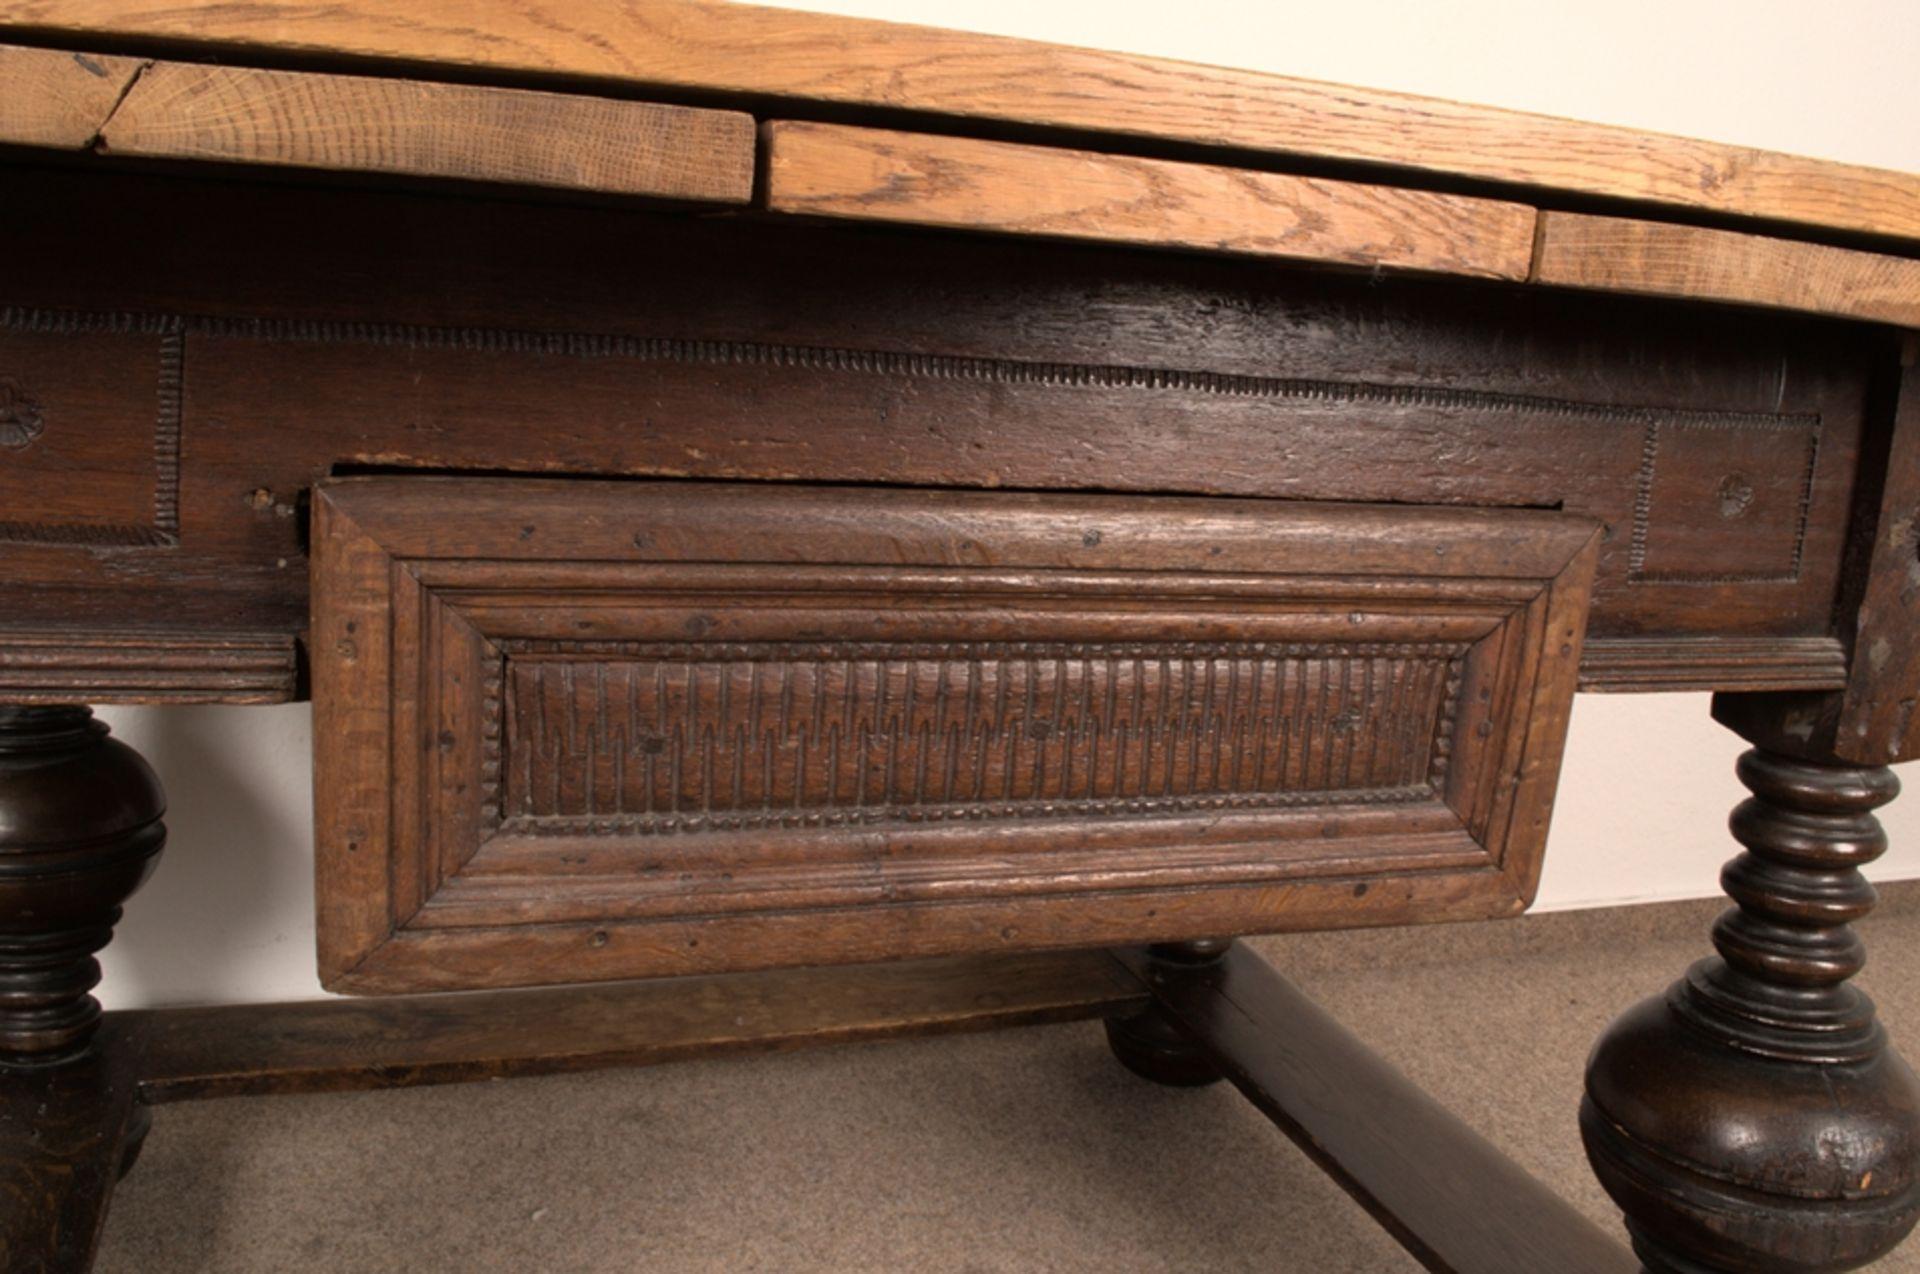 Großer Auszugstisch, Franken um 1730/50. Querverstrebter Tischunterbau mit kräftigen Balusterbeinen, - Bild 34 aus 36